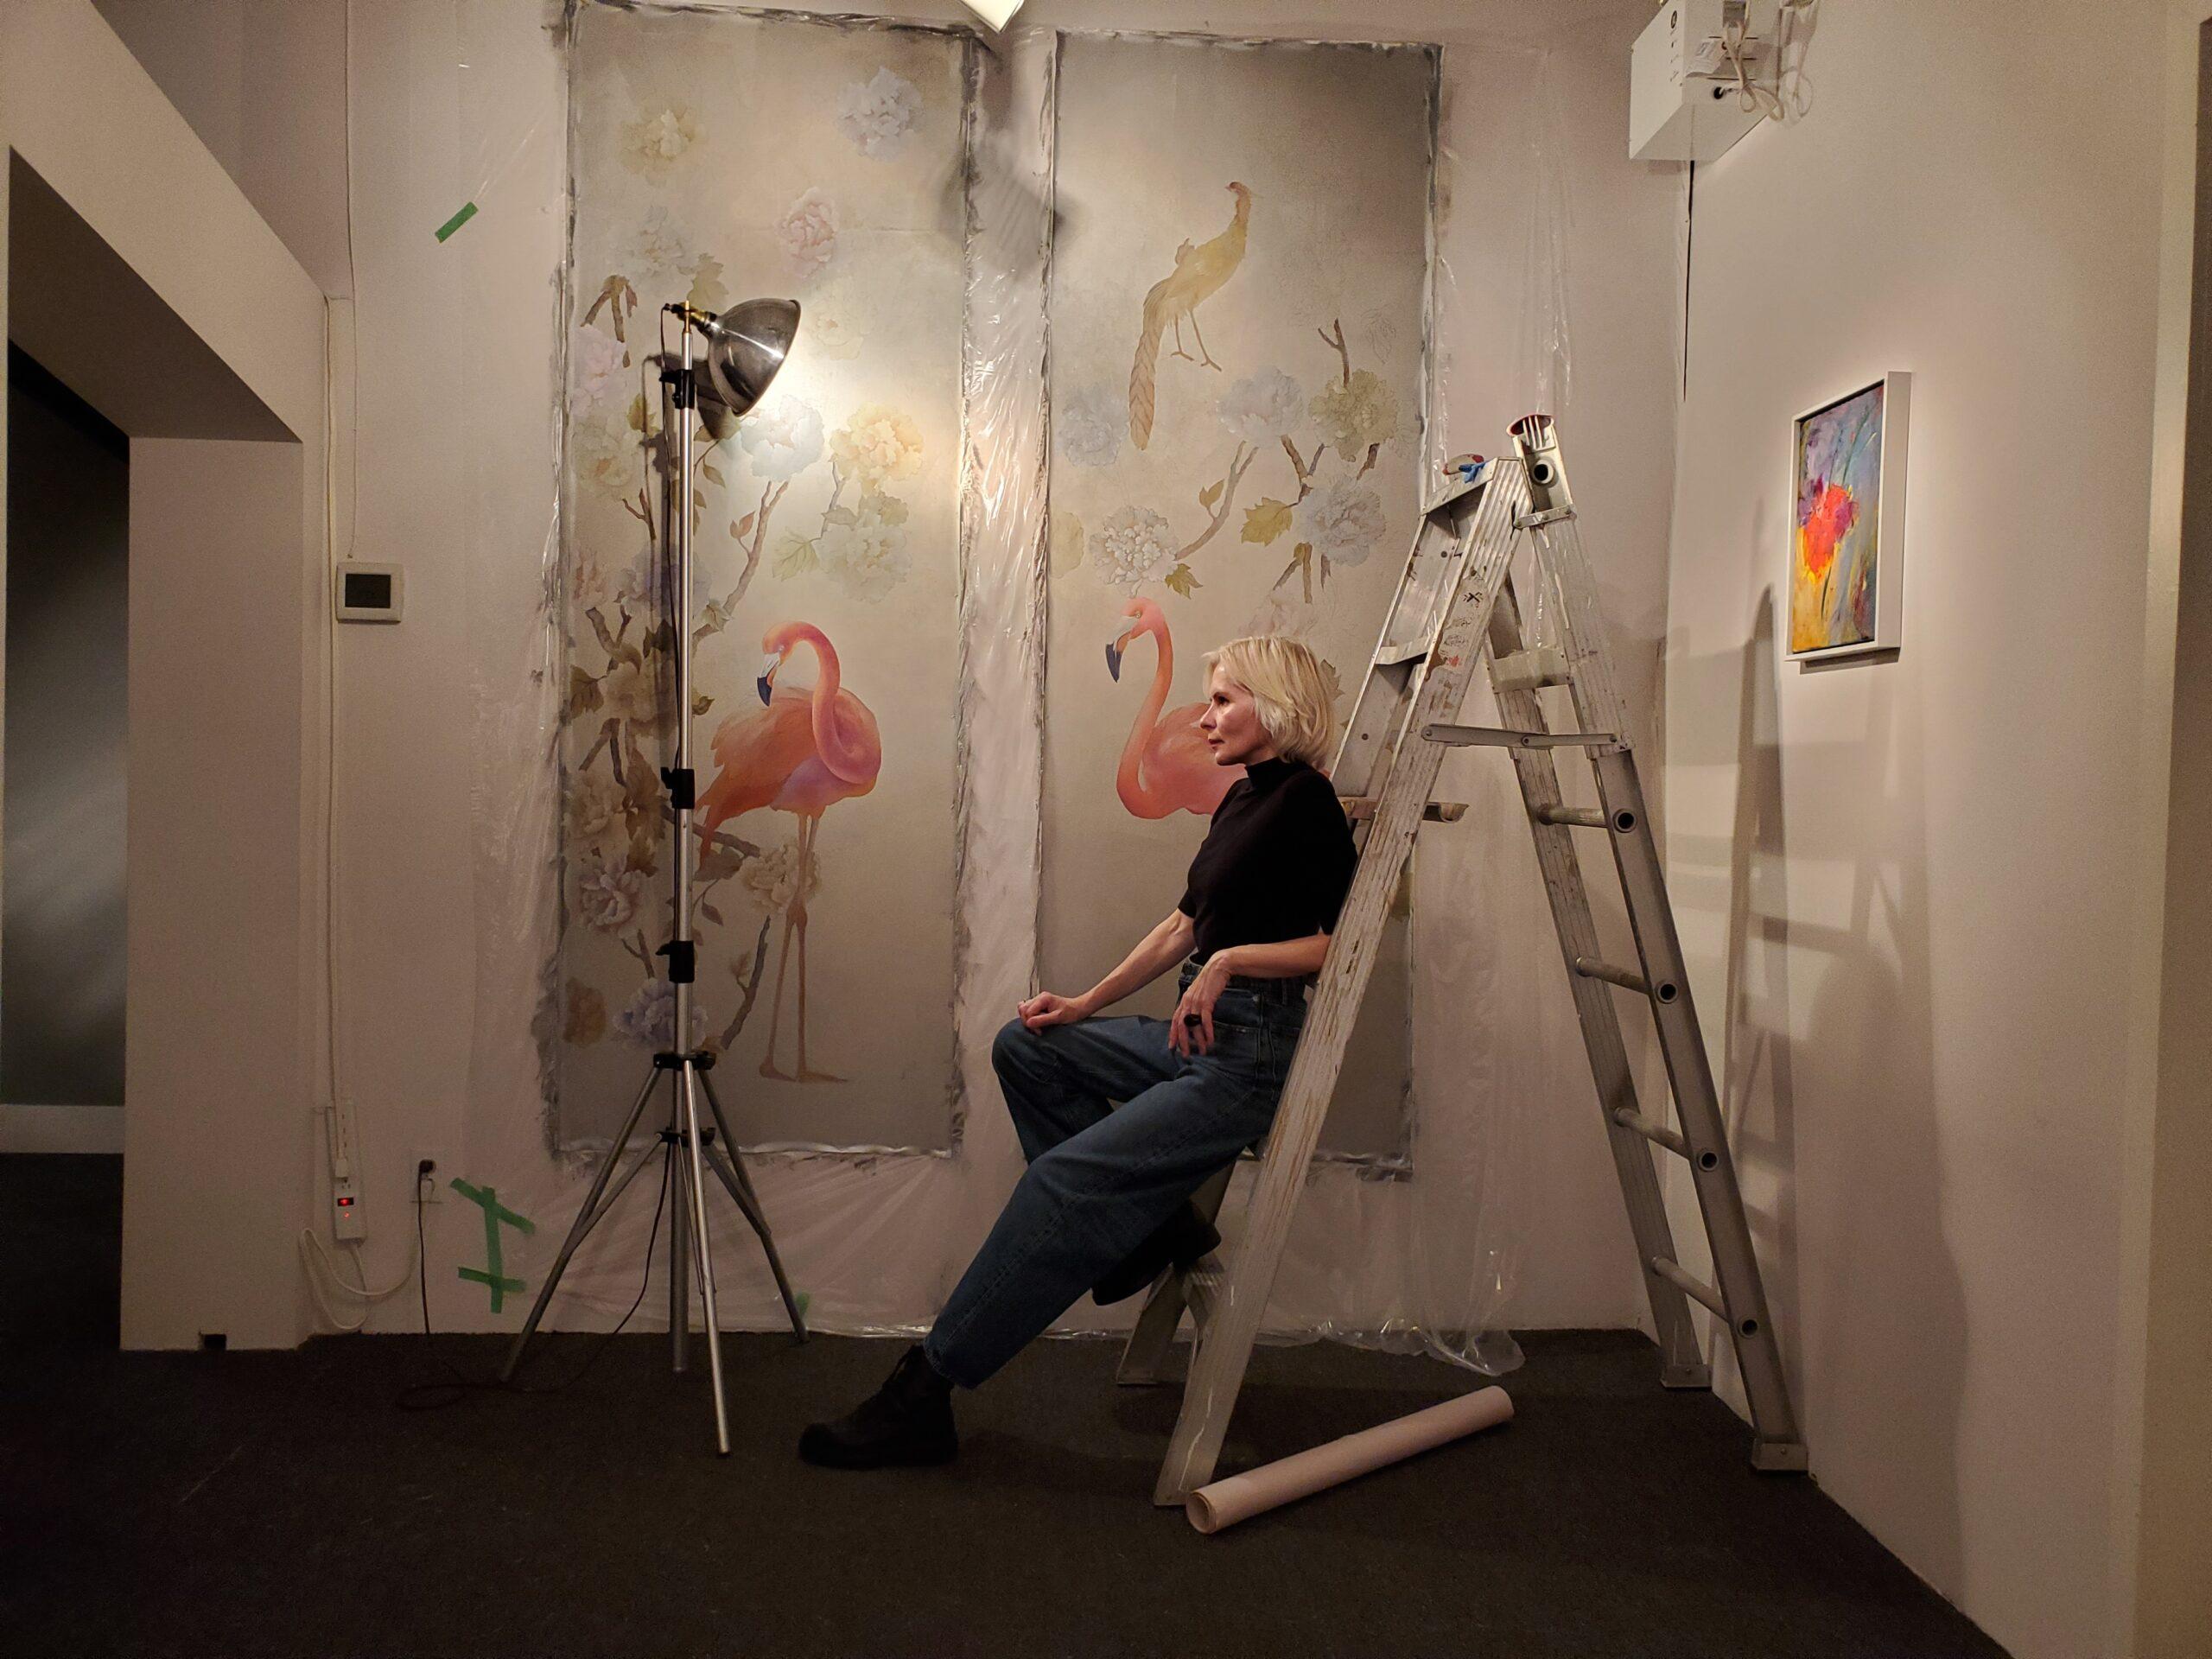 natalia vetrova on ladder